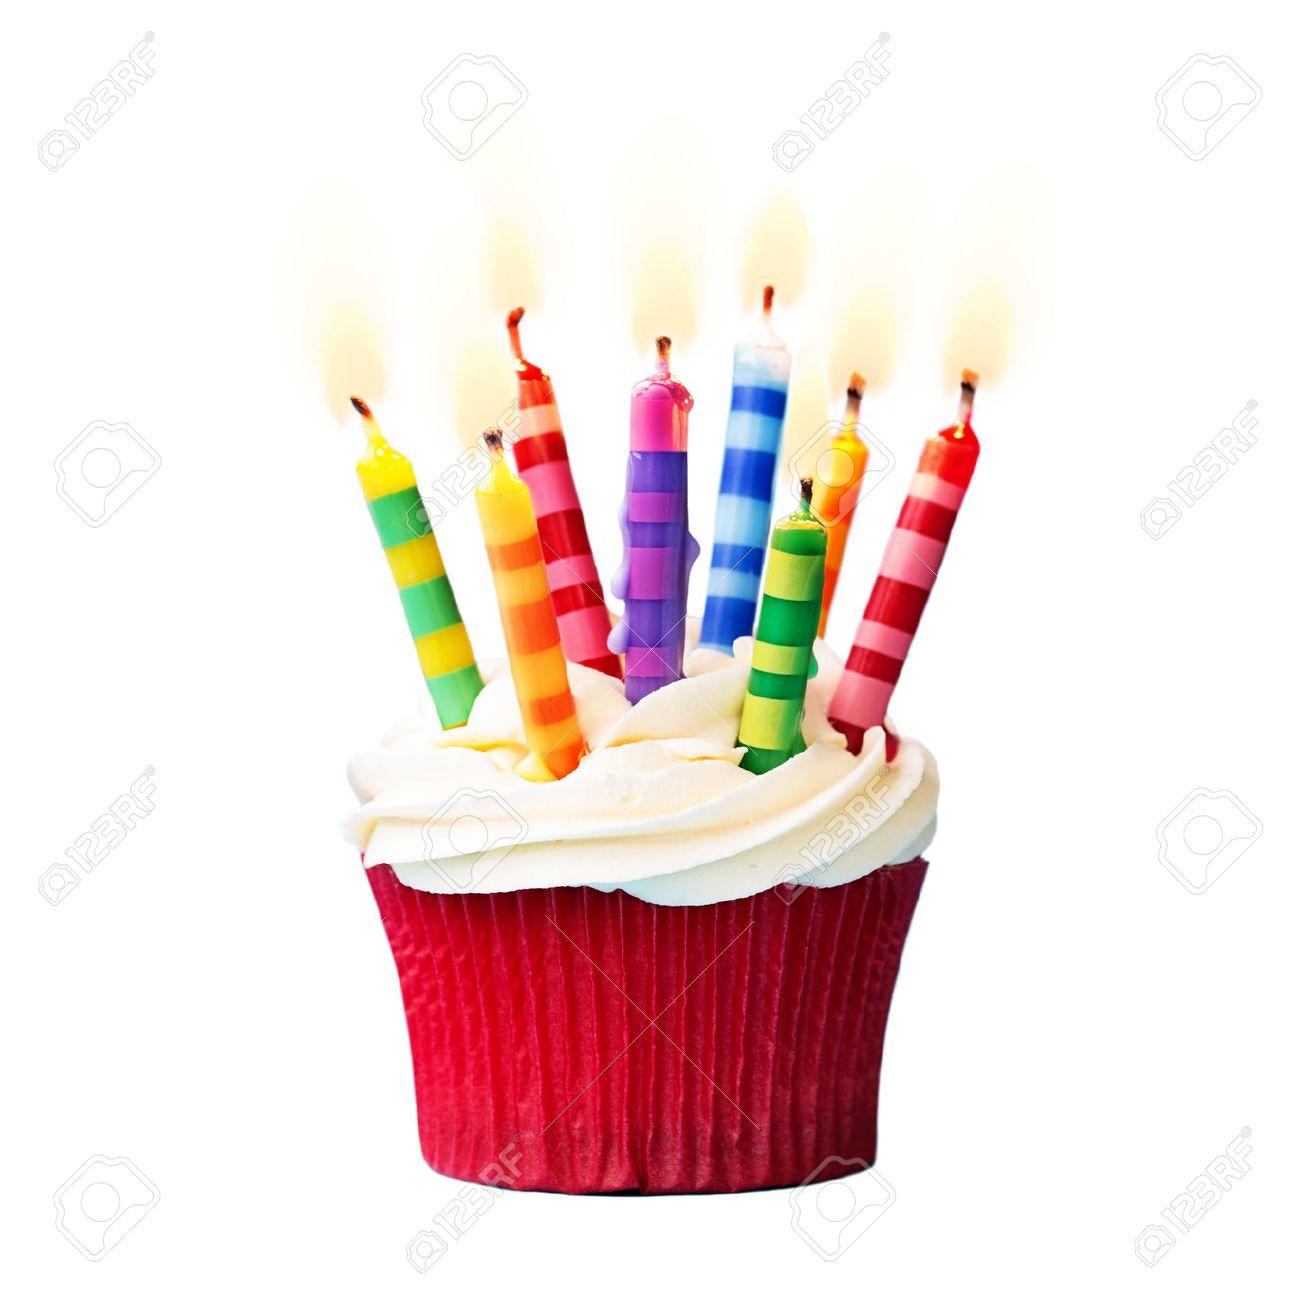 Geburtstag Cupcake Vor Einem Weissen Hintergrund Lizenzfreie Fotos